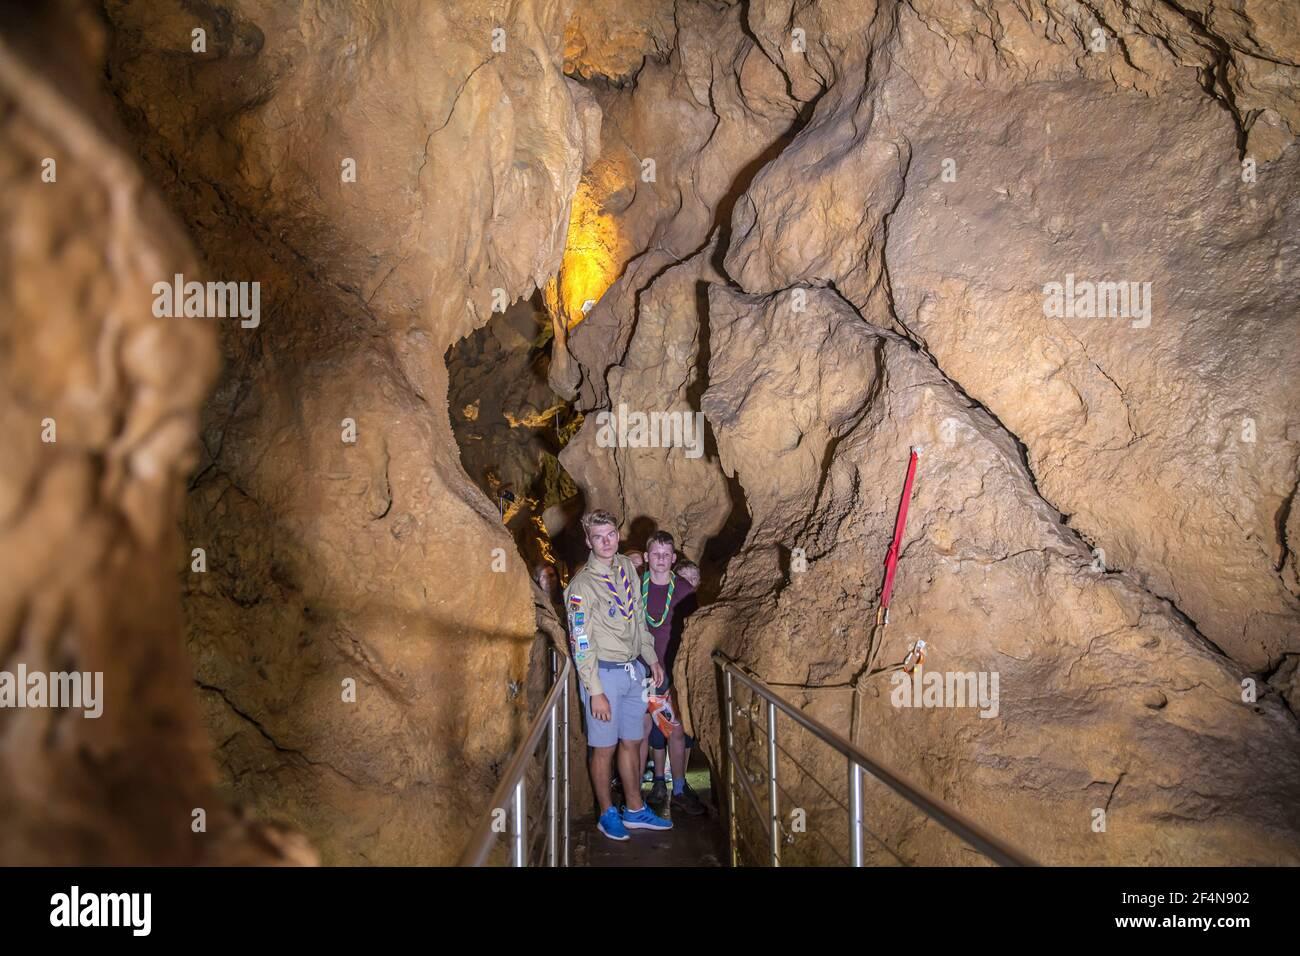 DOMZALE, ESLOVENIA - 16 de julio de 2019: Los Scouts están explorando esta cueva y el líder les está enseñando sobre Karst. Foto de stock